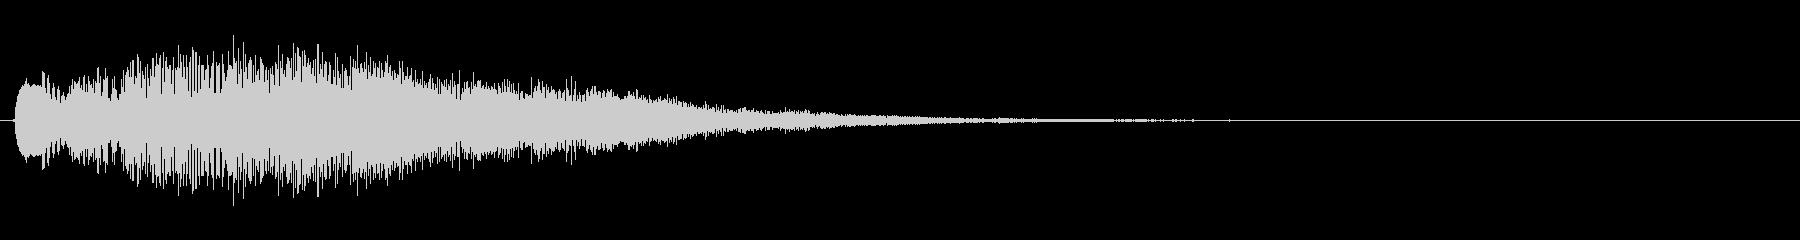 キラキラしたベルの上昇音4の未再生の波形